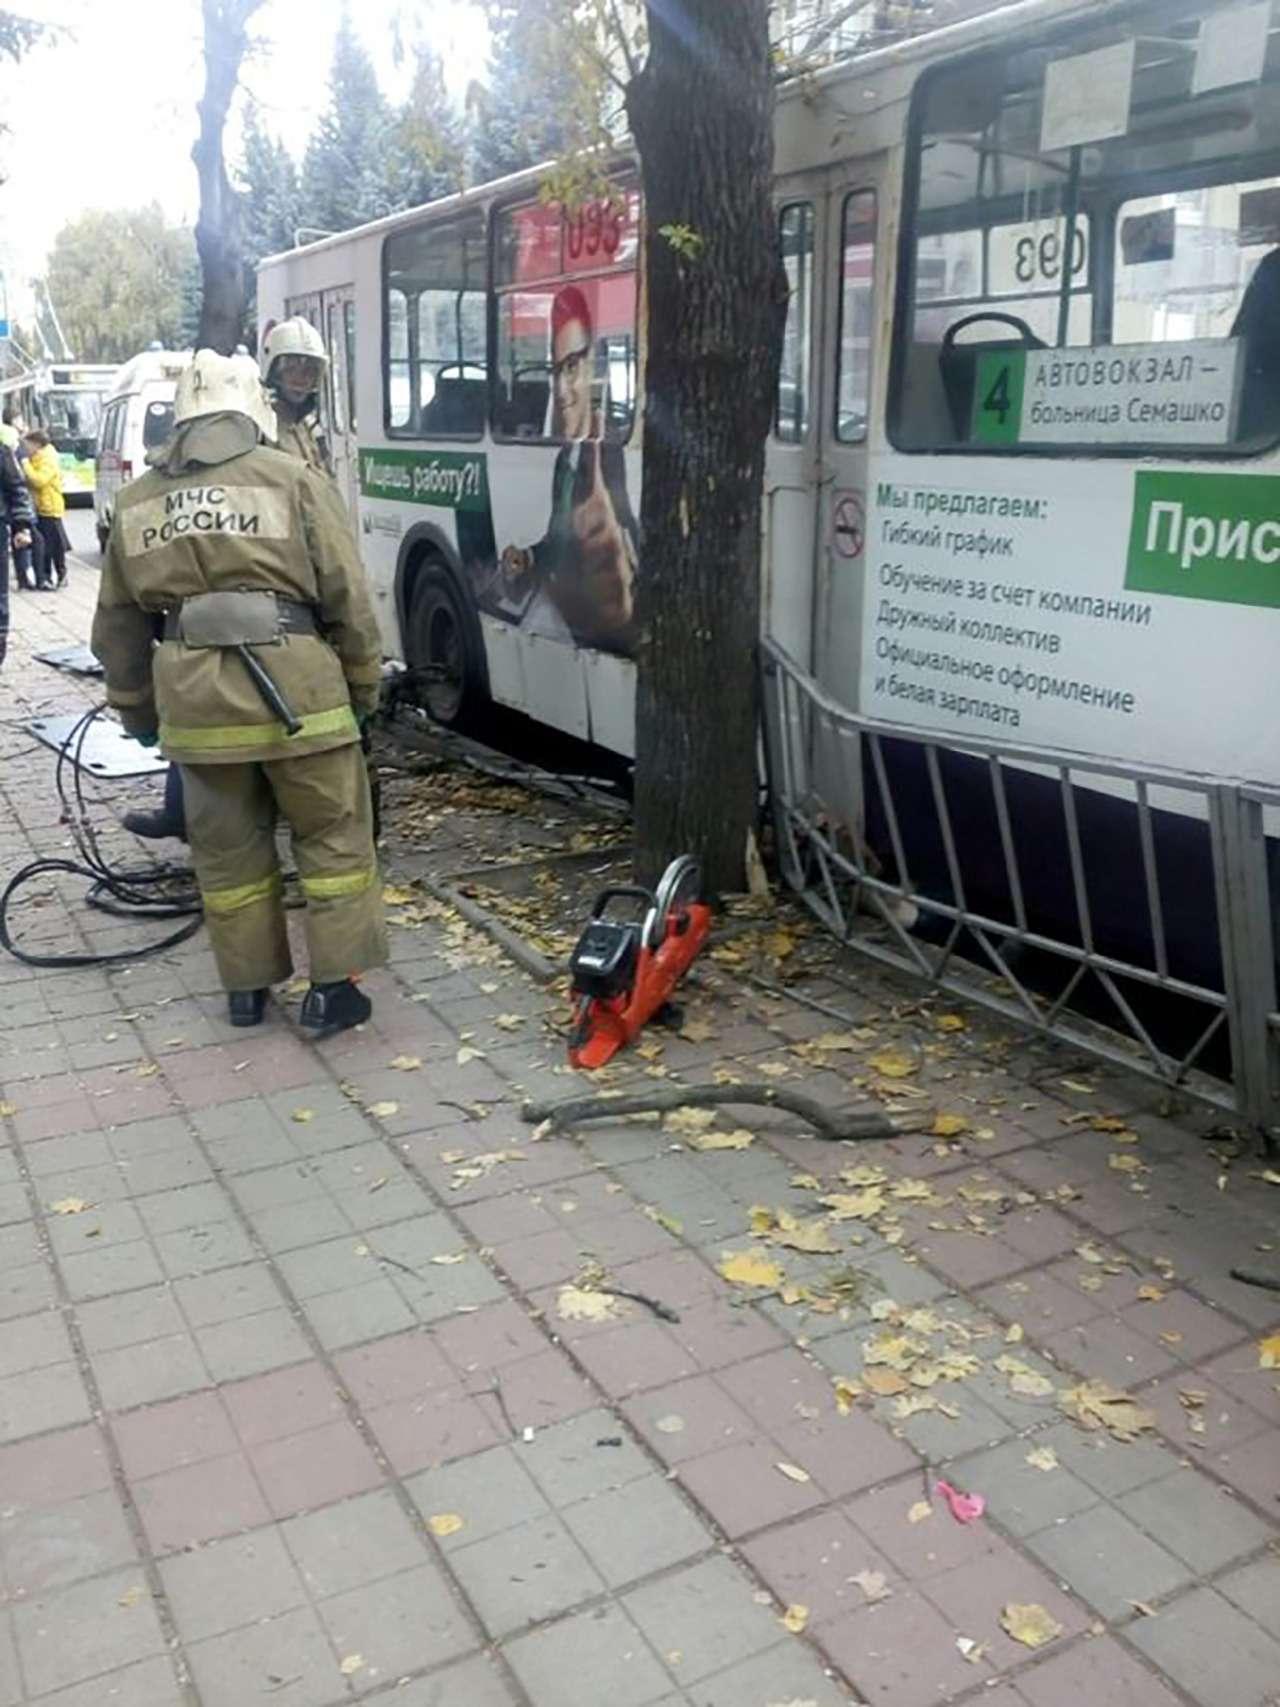 Троллейбус въехал востановку. Есть жертвы ипострадавшие— фото 912680